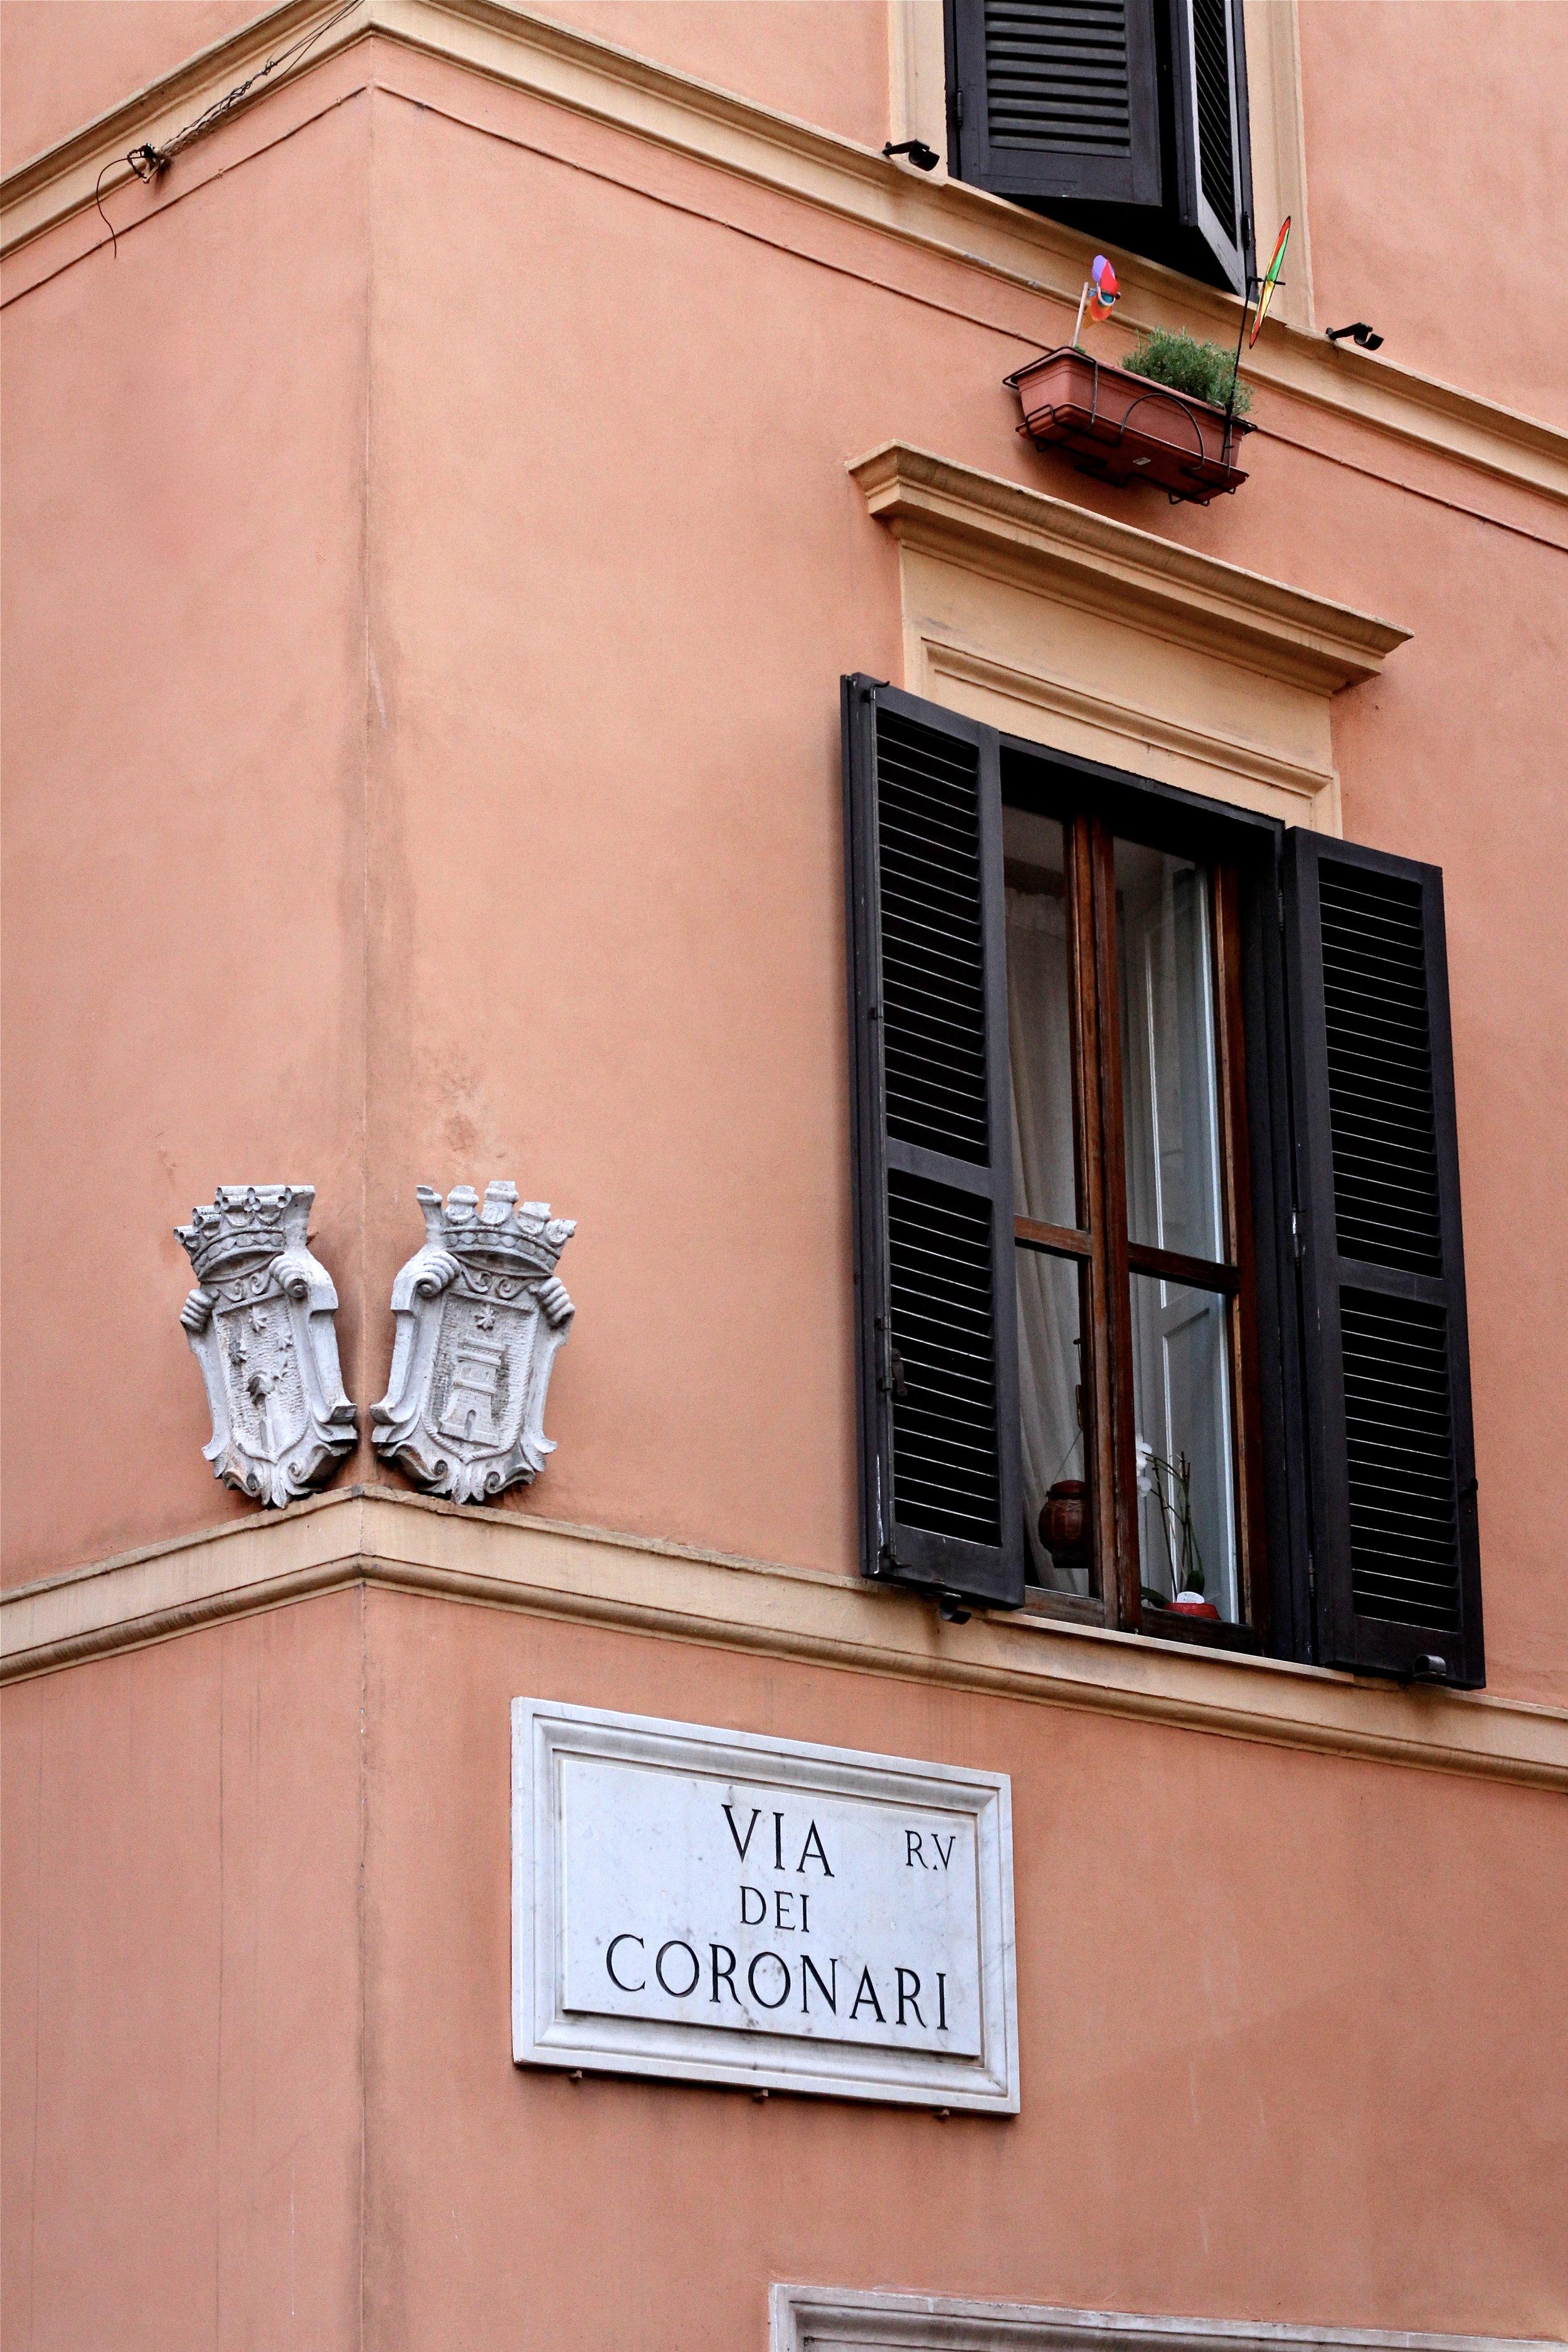 Via dei Coronari, Rome, Italy.